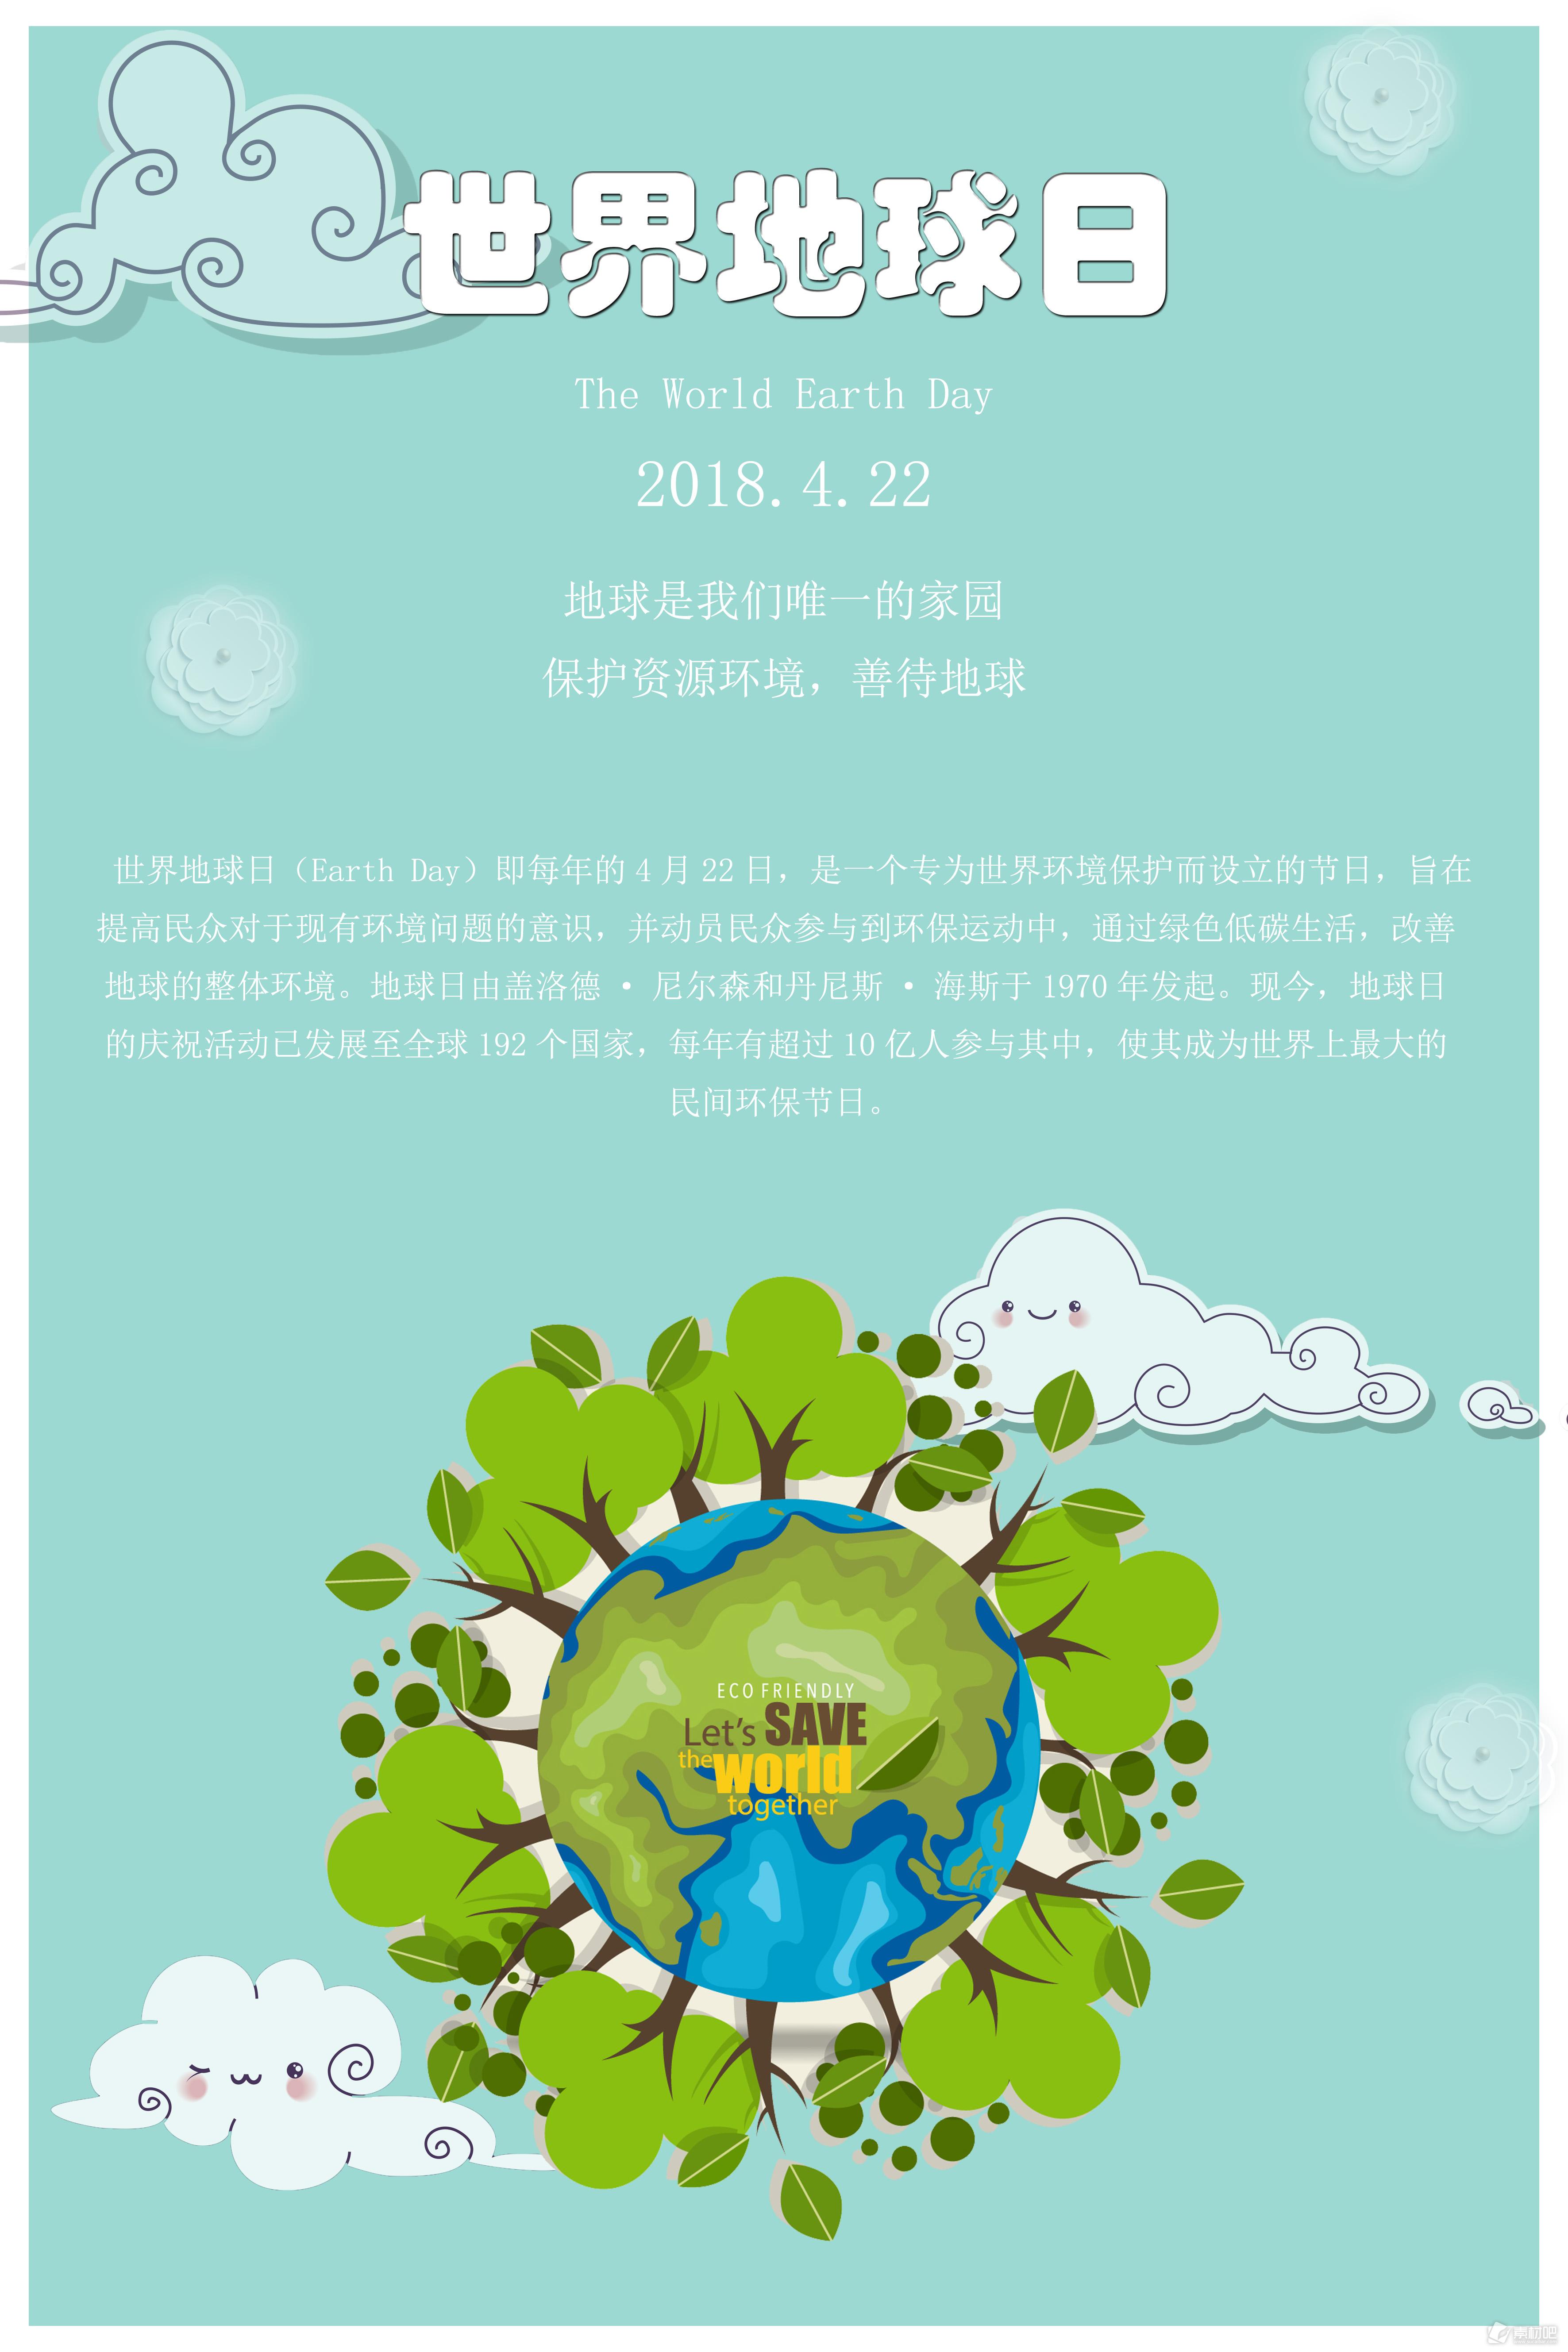 世界地球日简约节日海报